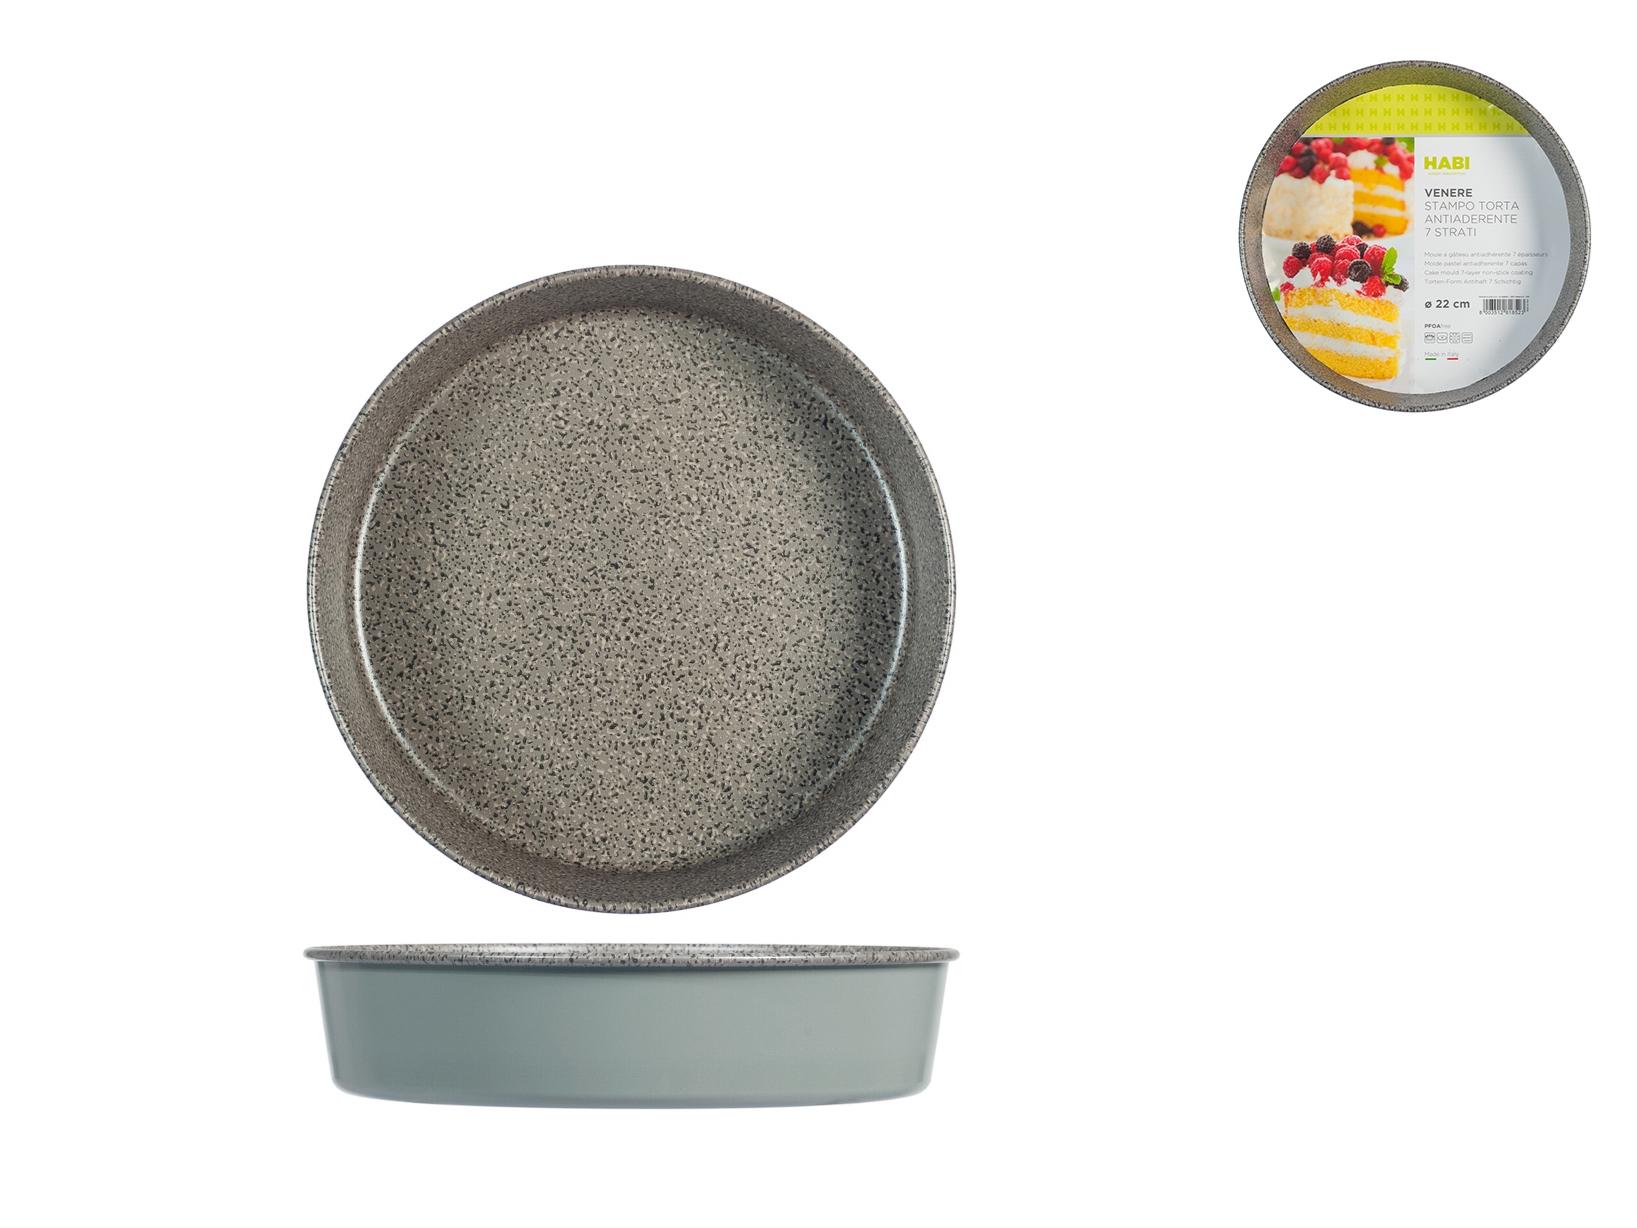 Stampo Torta Antiaderente Alto Venere Cm22